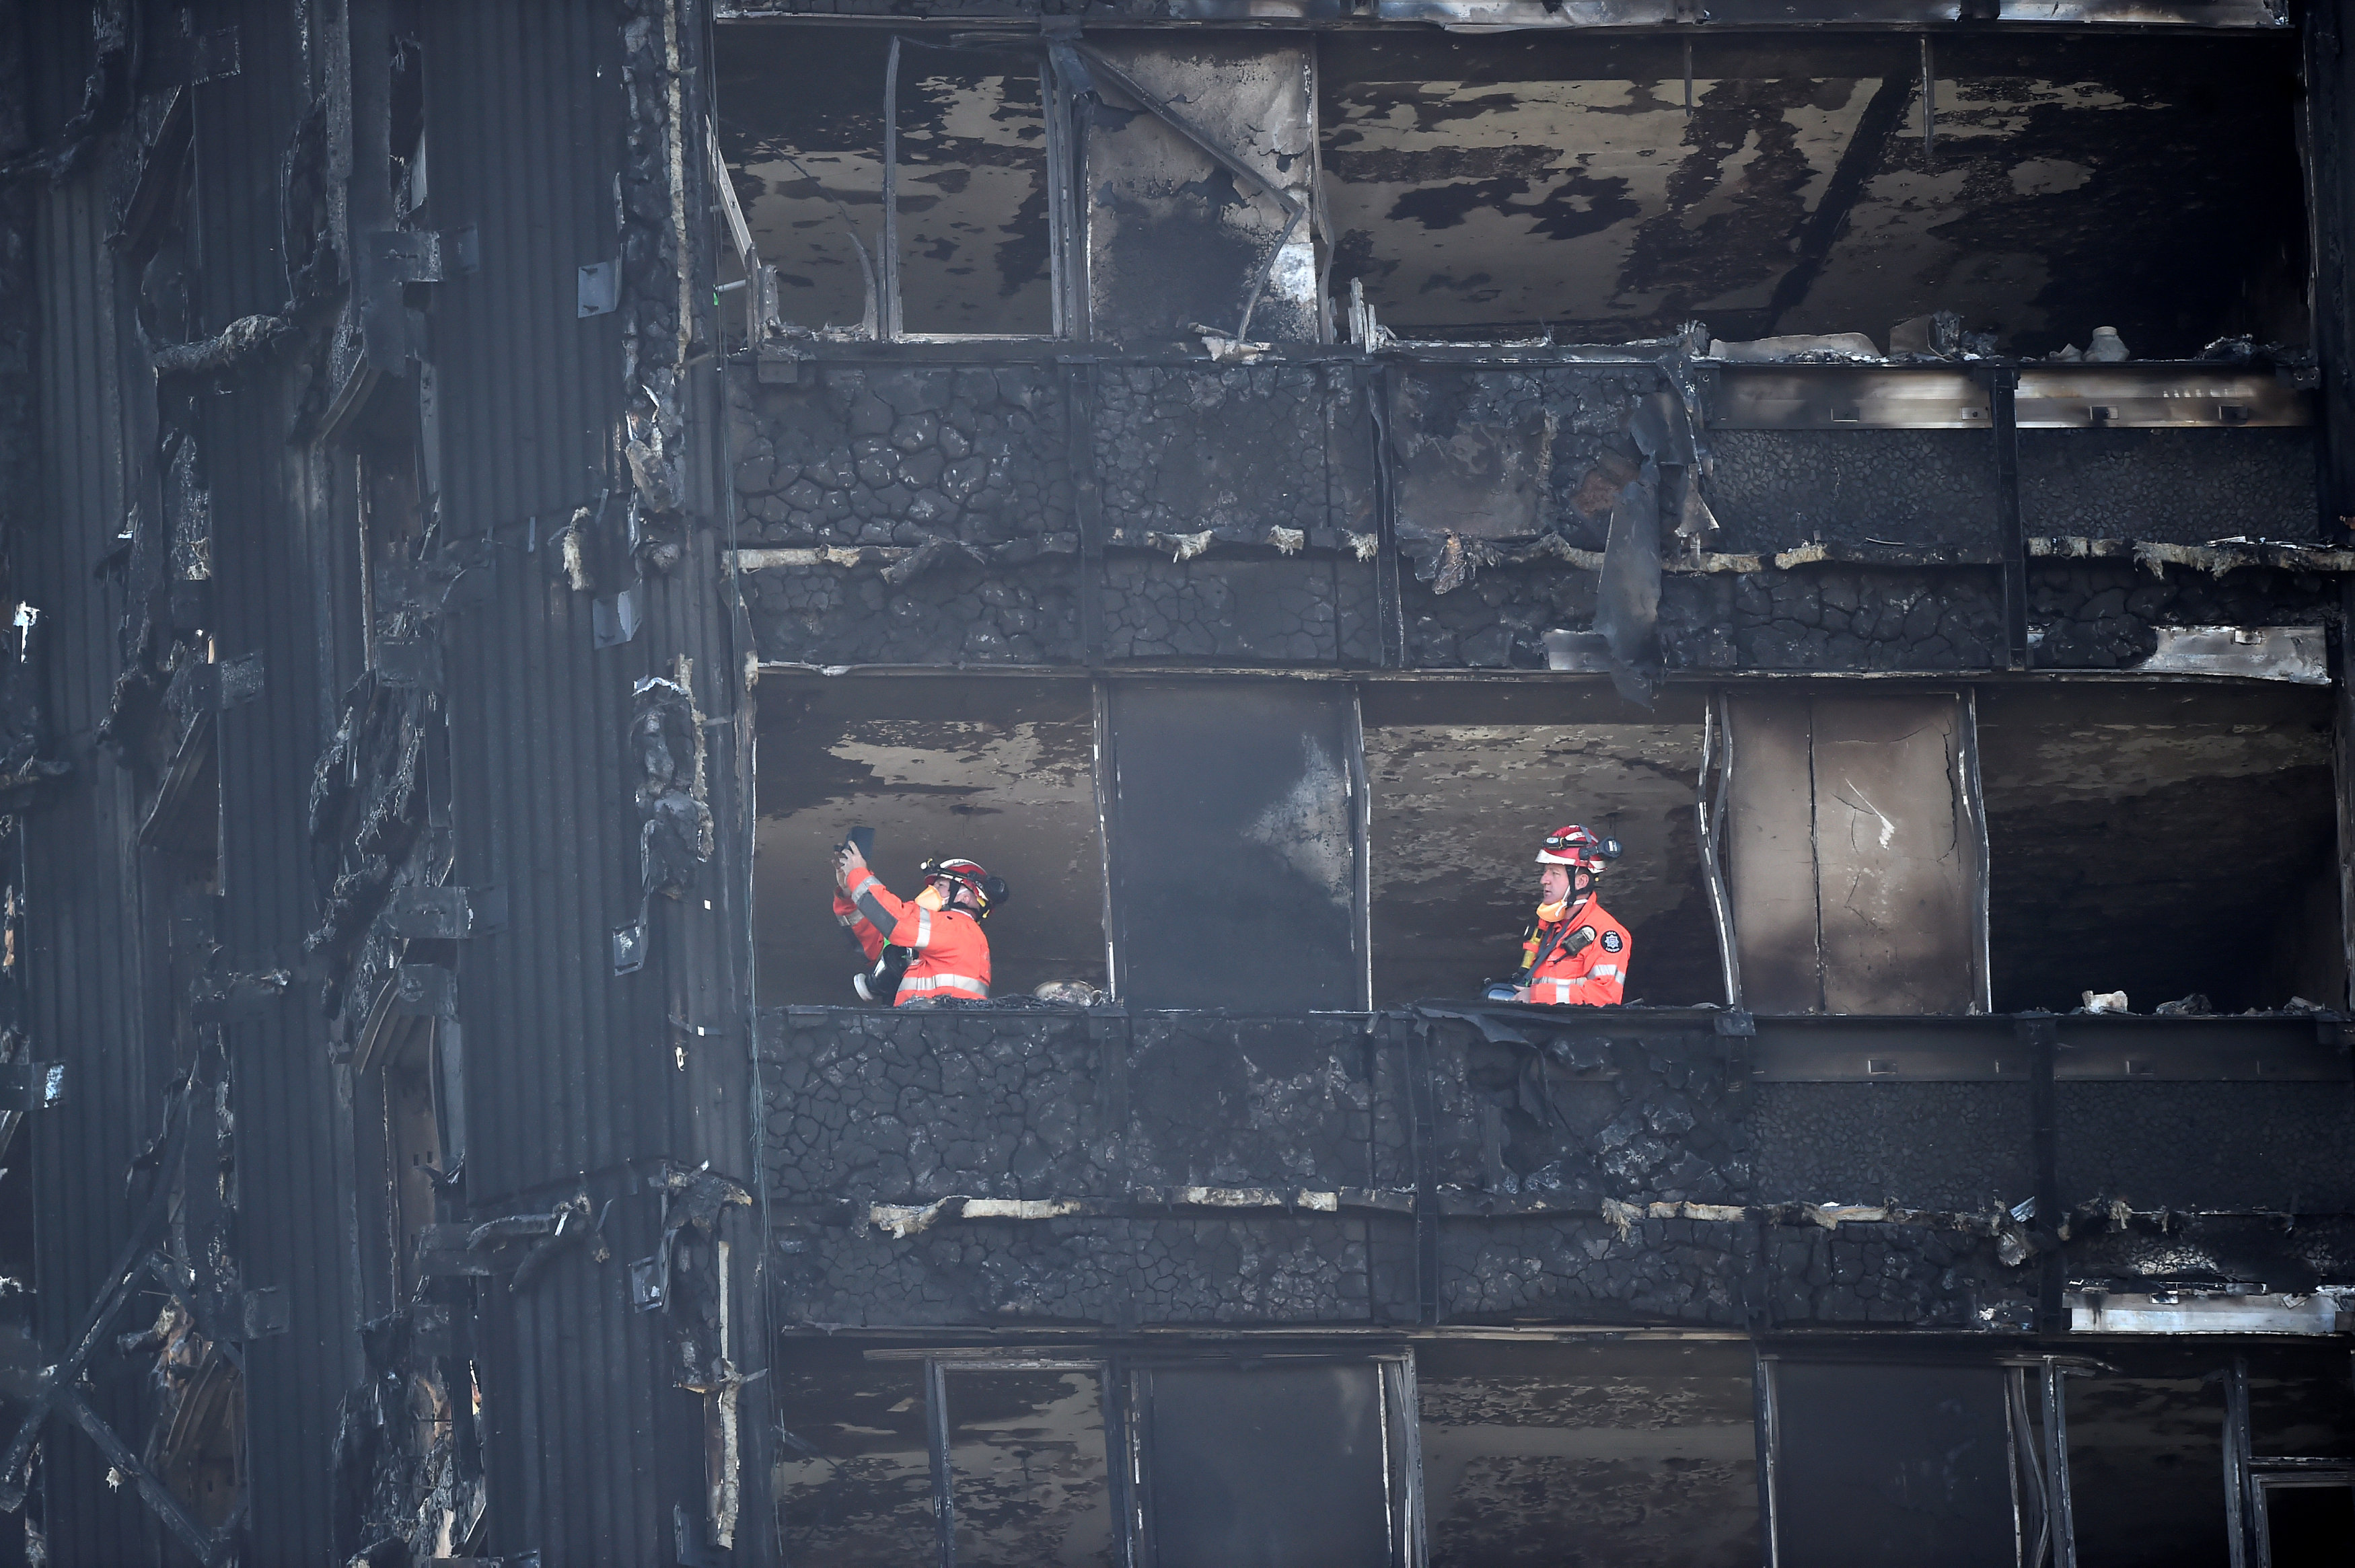 رجال الطوارئ يعاينون البرج المحترق فى لندن